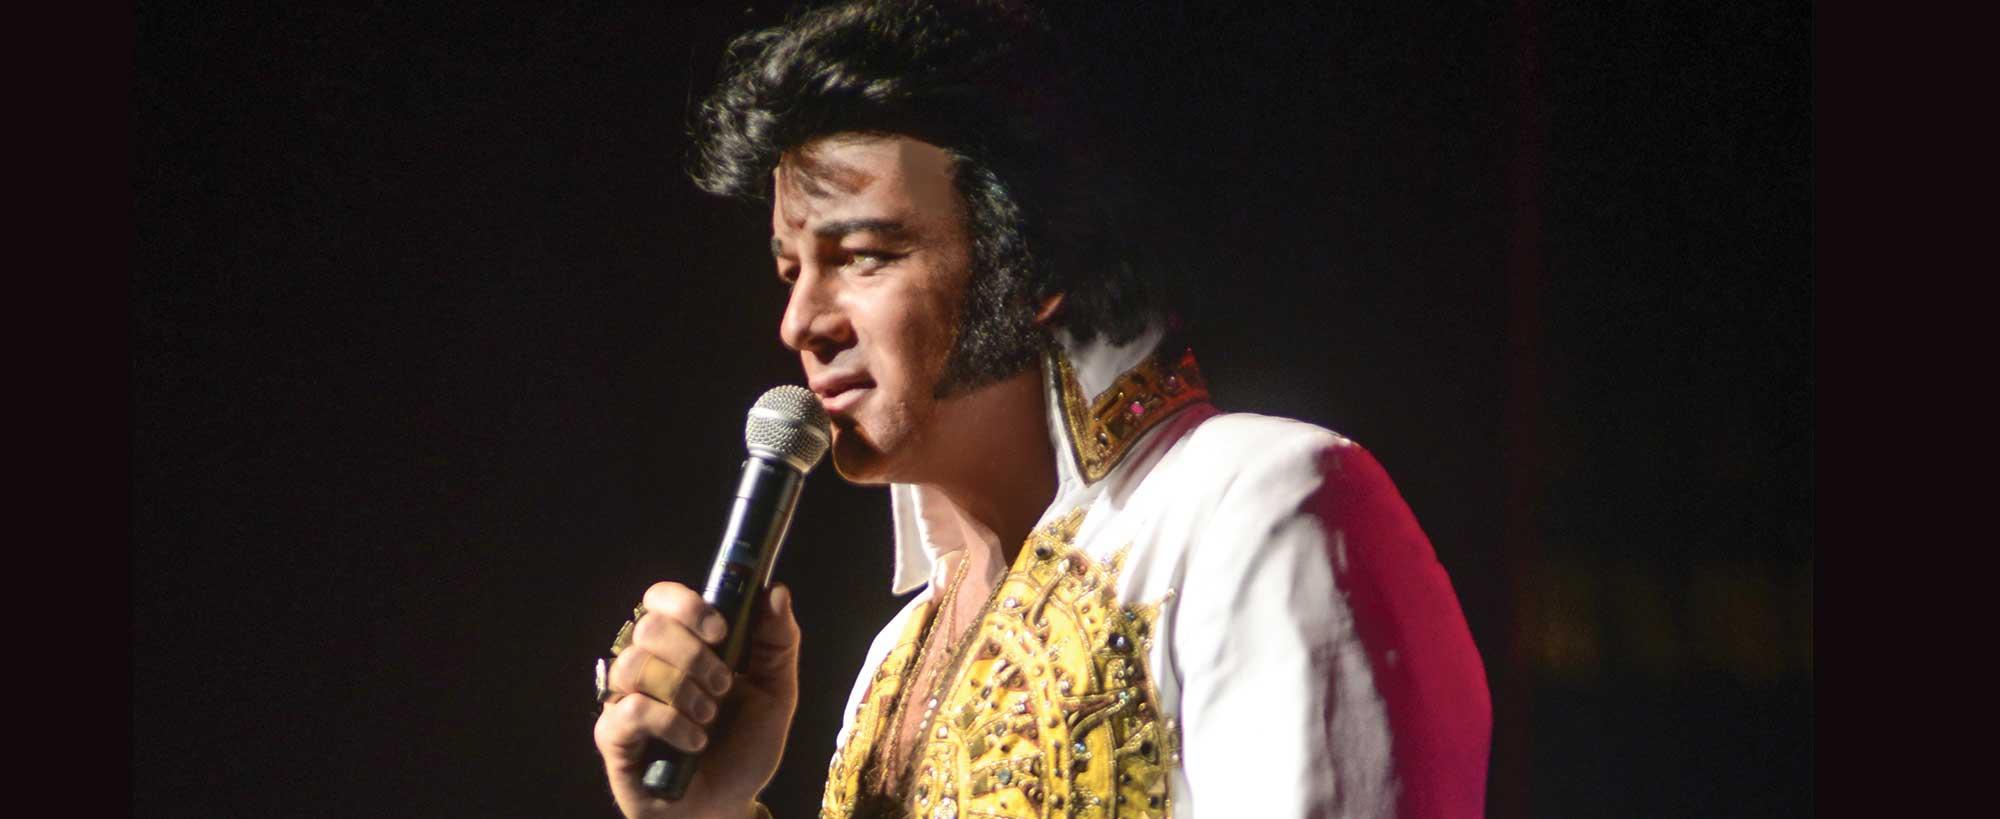 David Lee Ultimate Elvis